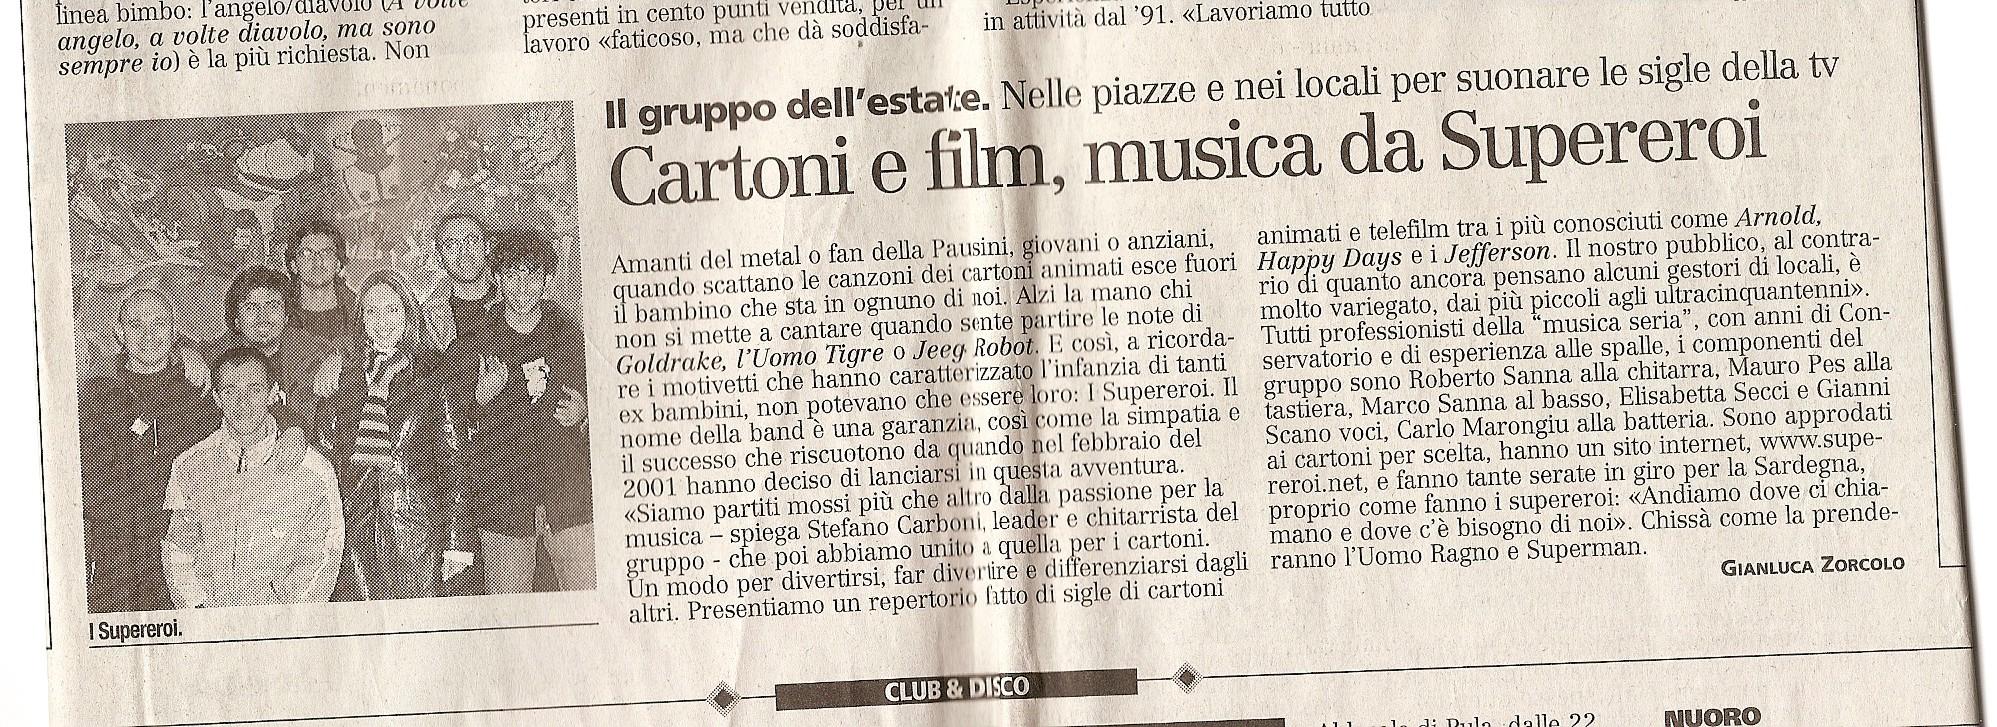 articolo 17 agosto 2003